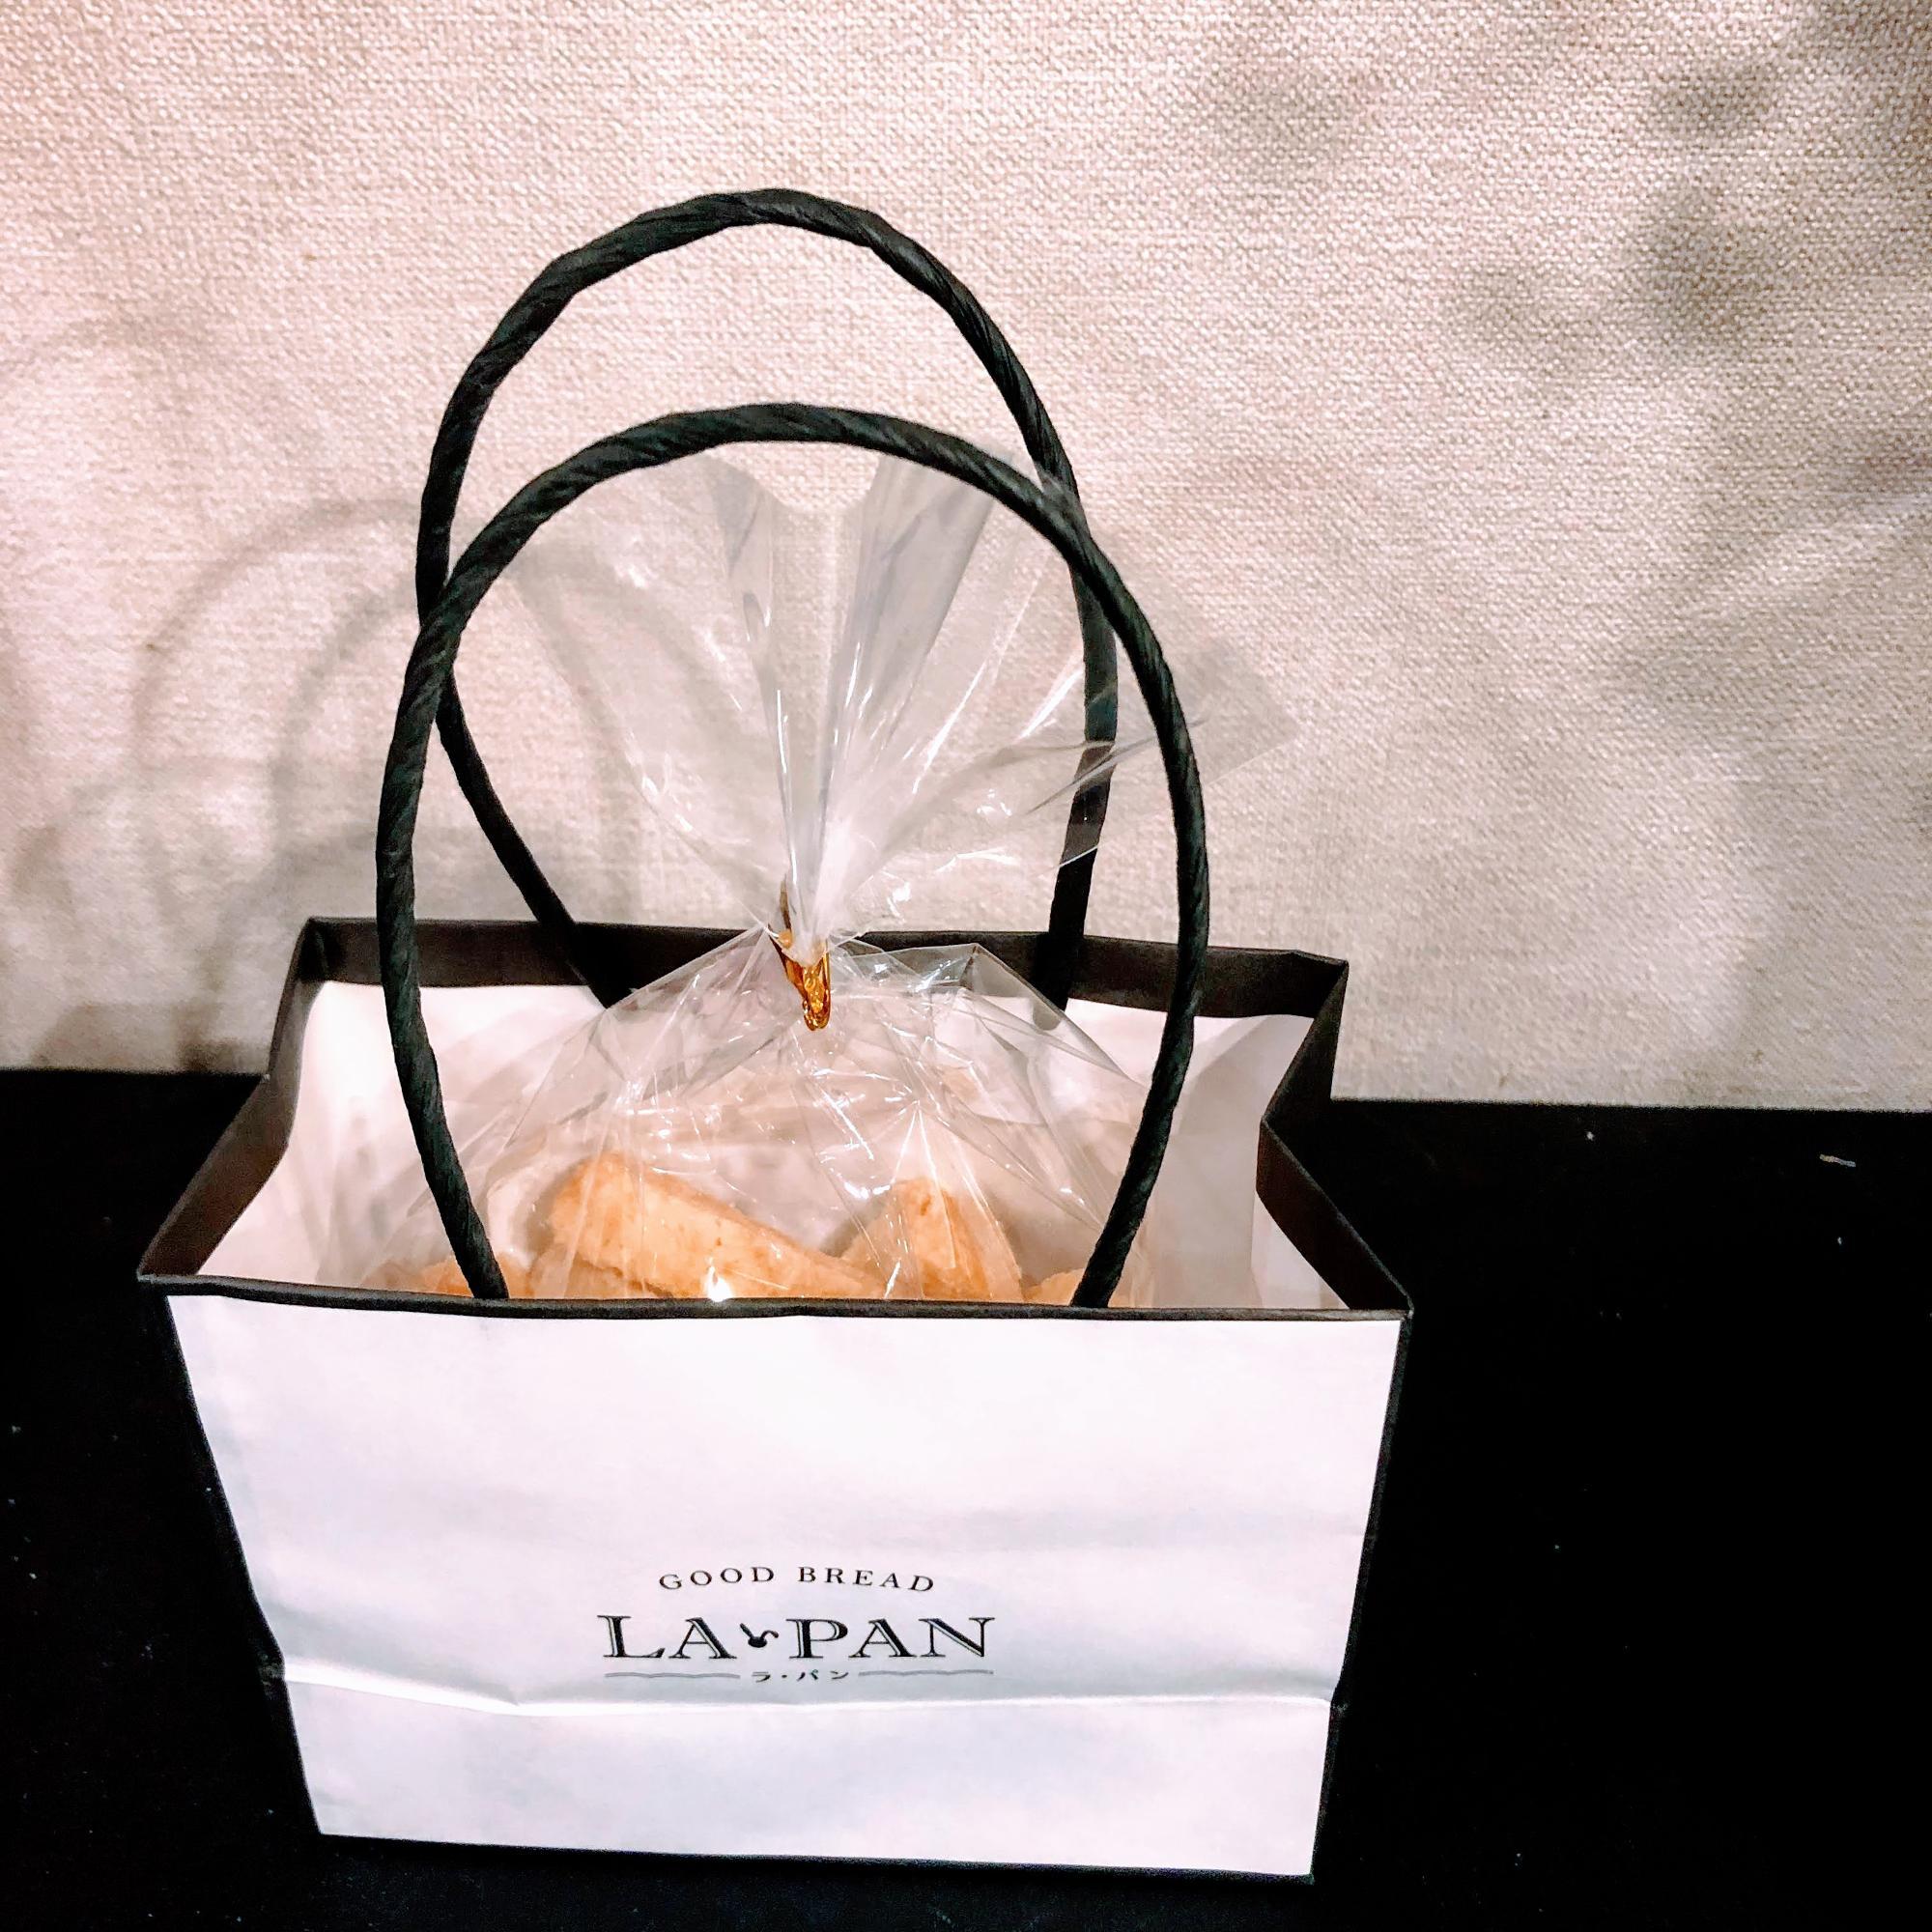 クリーミーラスク(380円)には専用の小さい紙袋があって、これも可愛い!